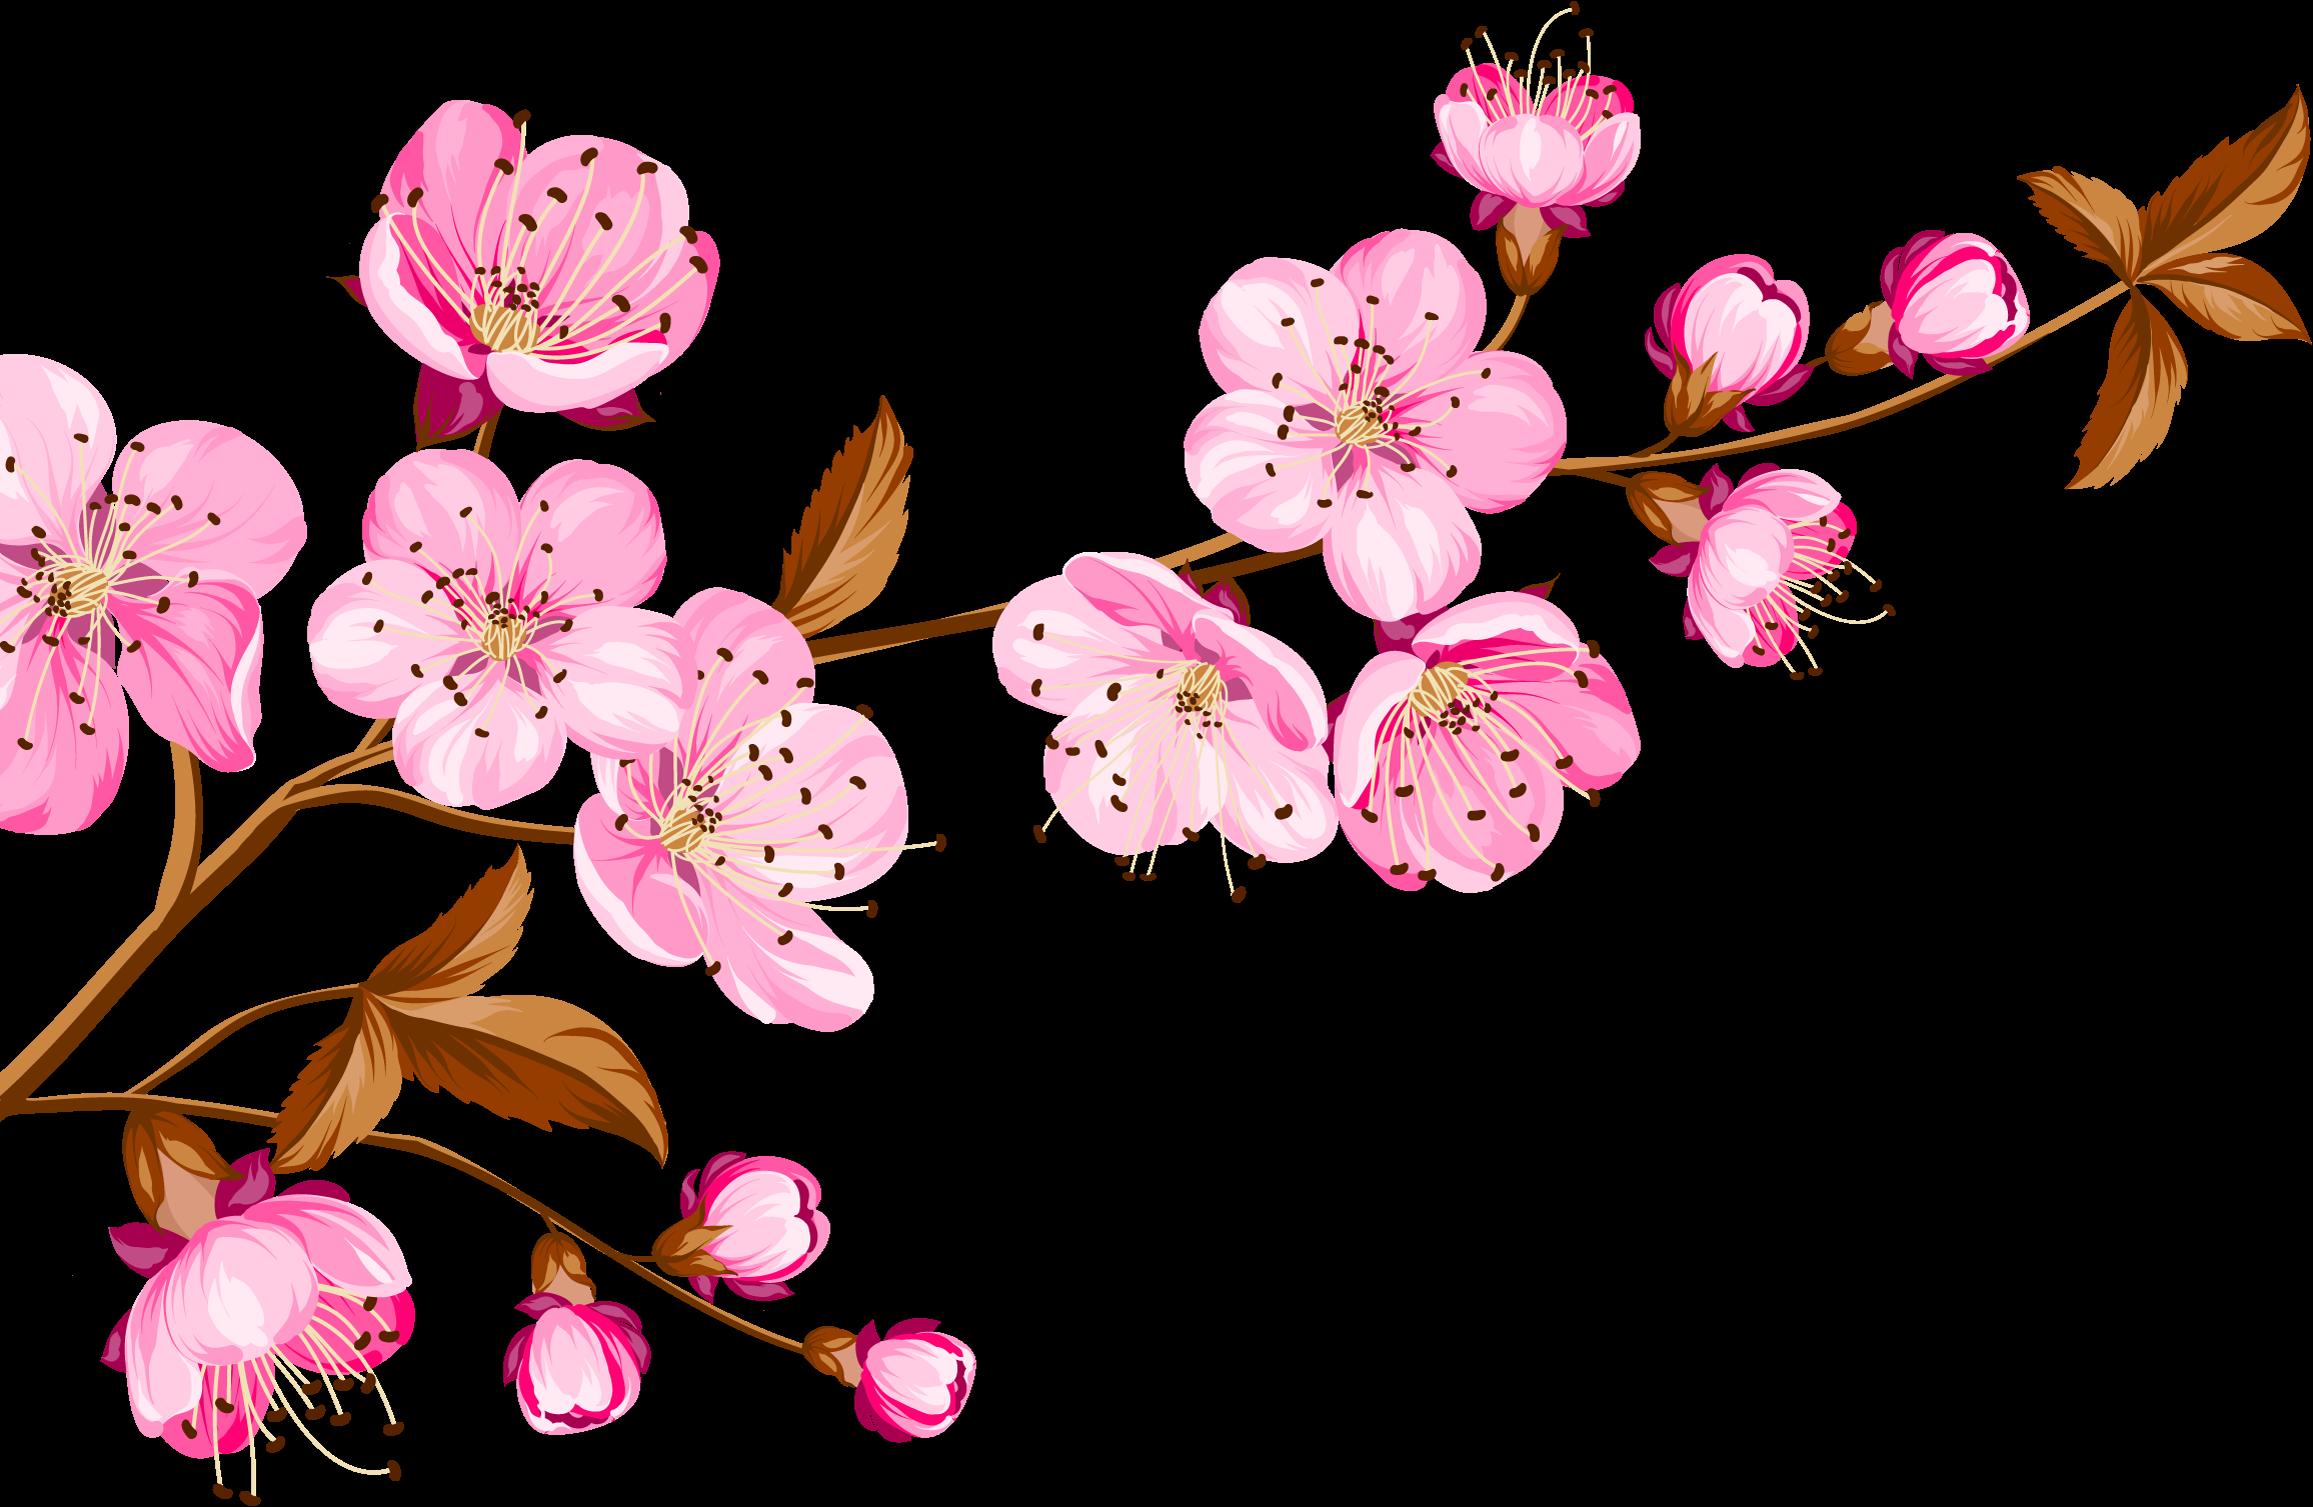 Ảnh bông hoa anh đào PNG